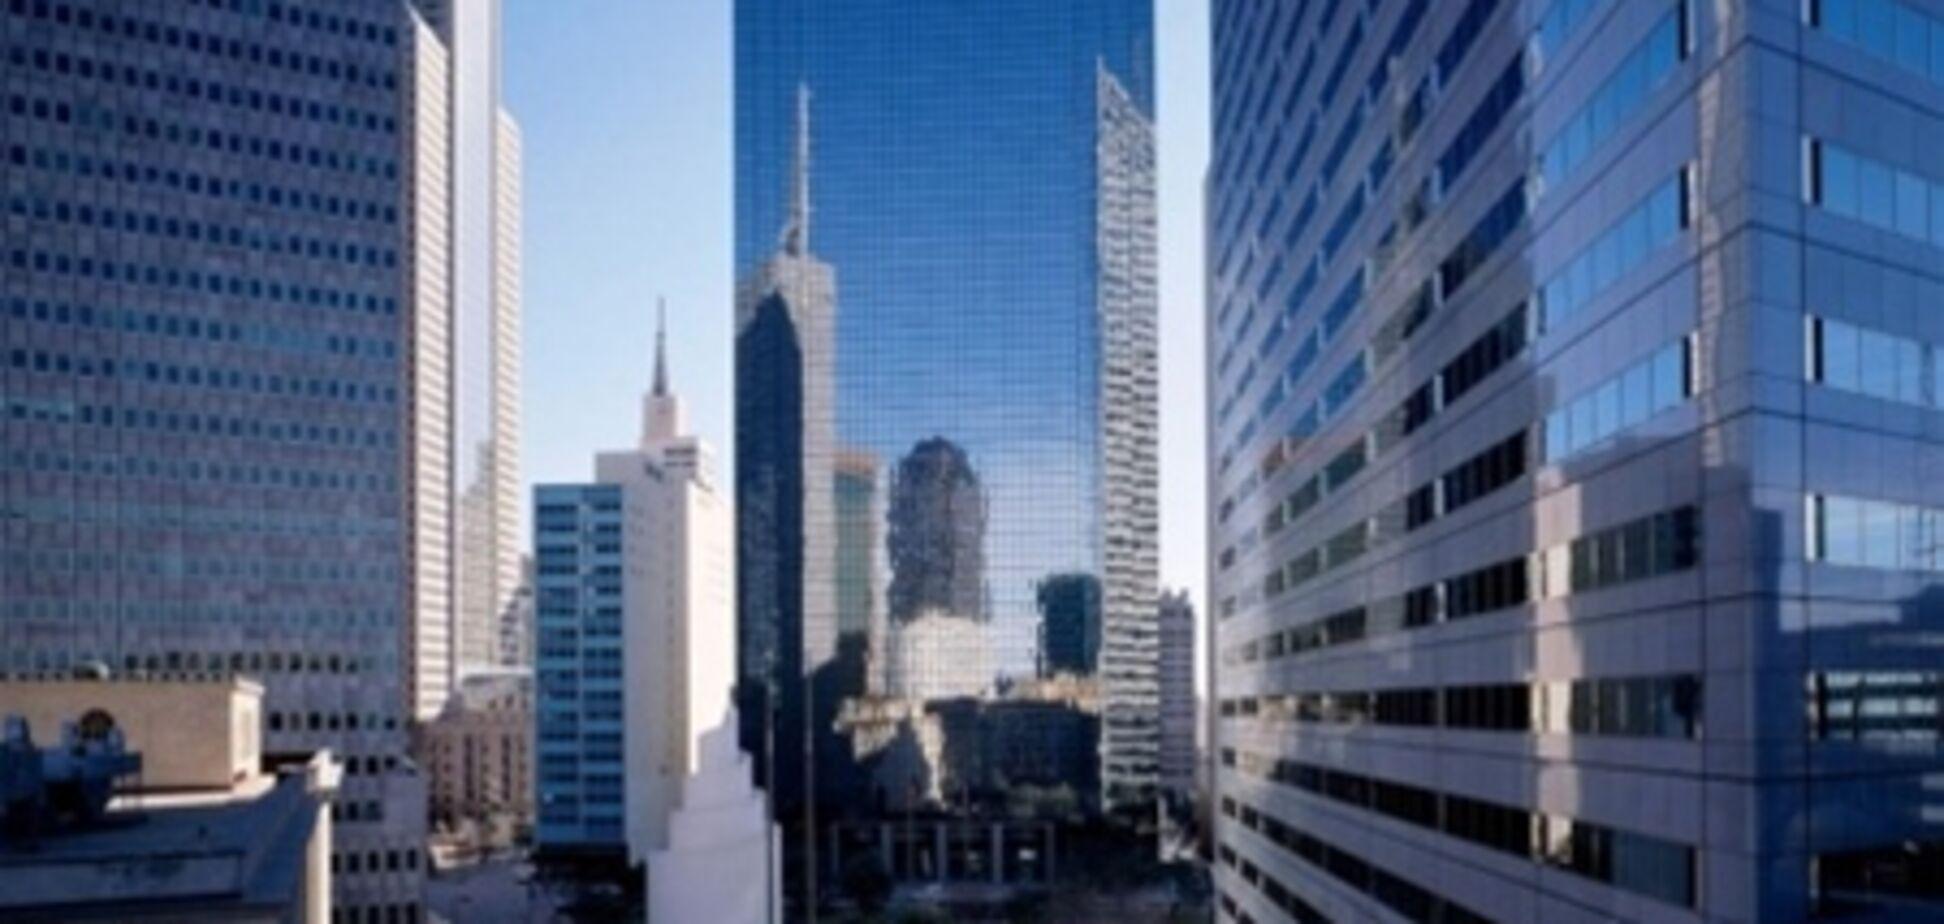 Строительство небоскребов 'предвещает финансовый кризис'